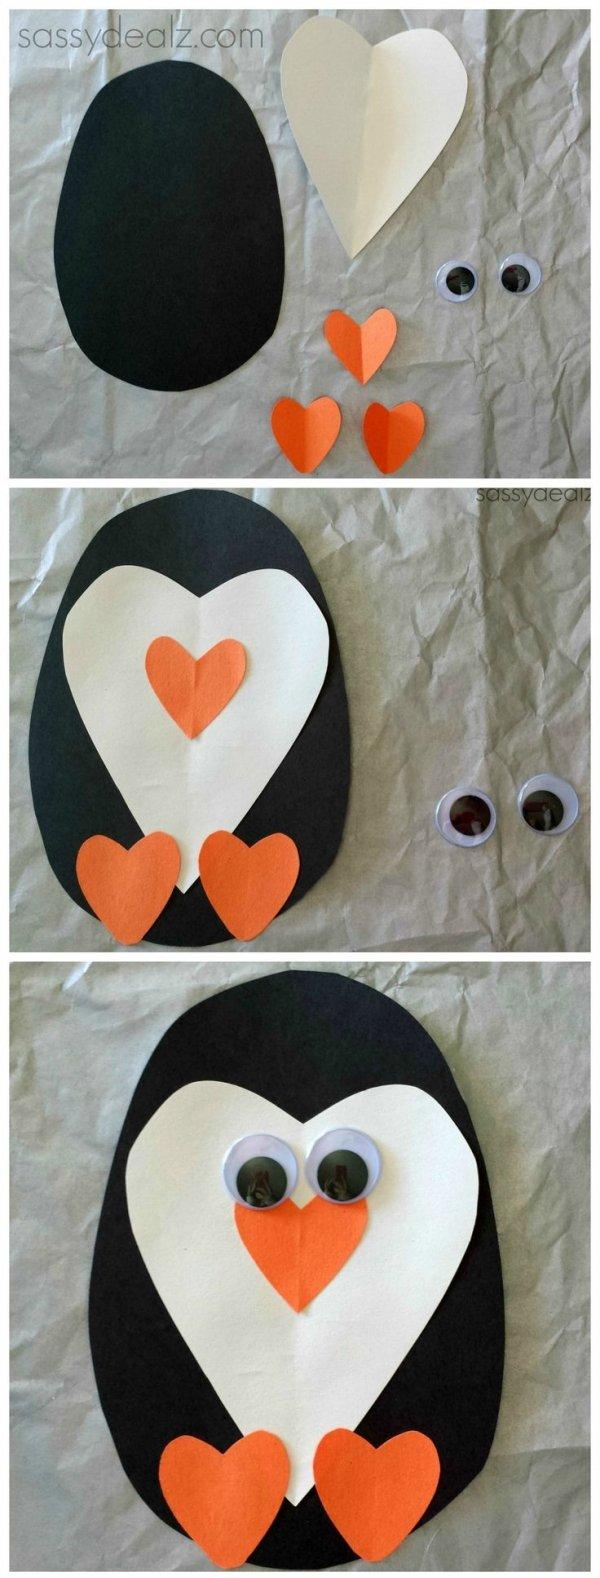 hairstyle,bird,flightless bird,moustache,penguin,